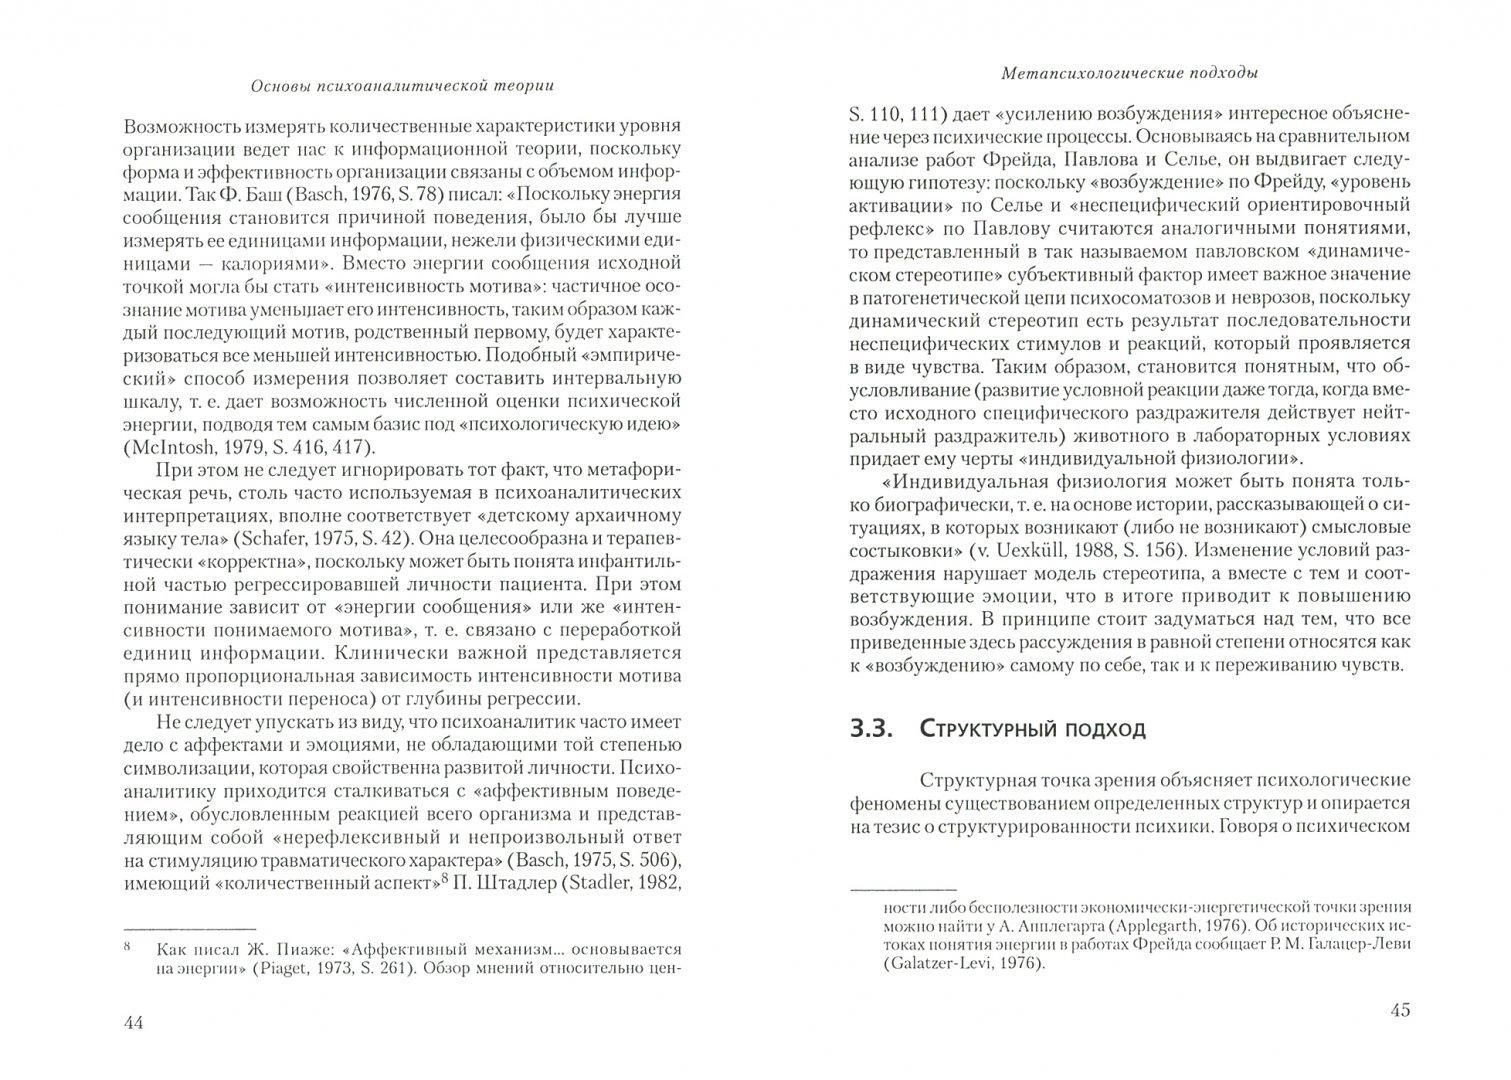 Иллюстрация 1 из 5 для Основы психоаналитической теории (метапсихология) - Лох, Хинц | Лабиринт - книги. Источник: Лабиринт